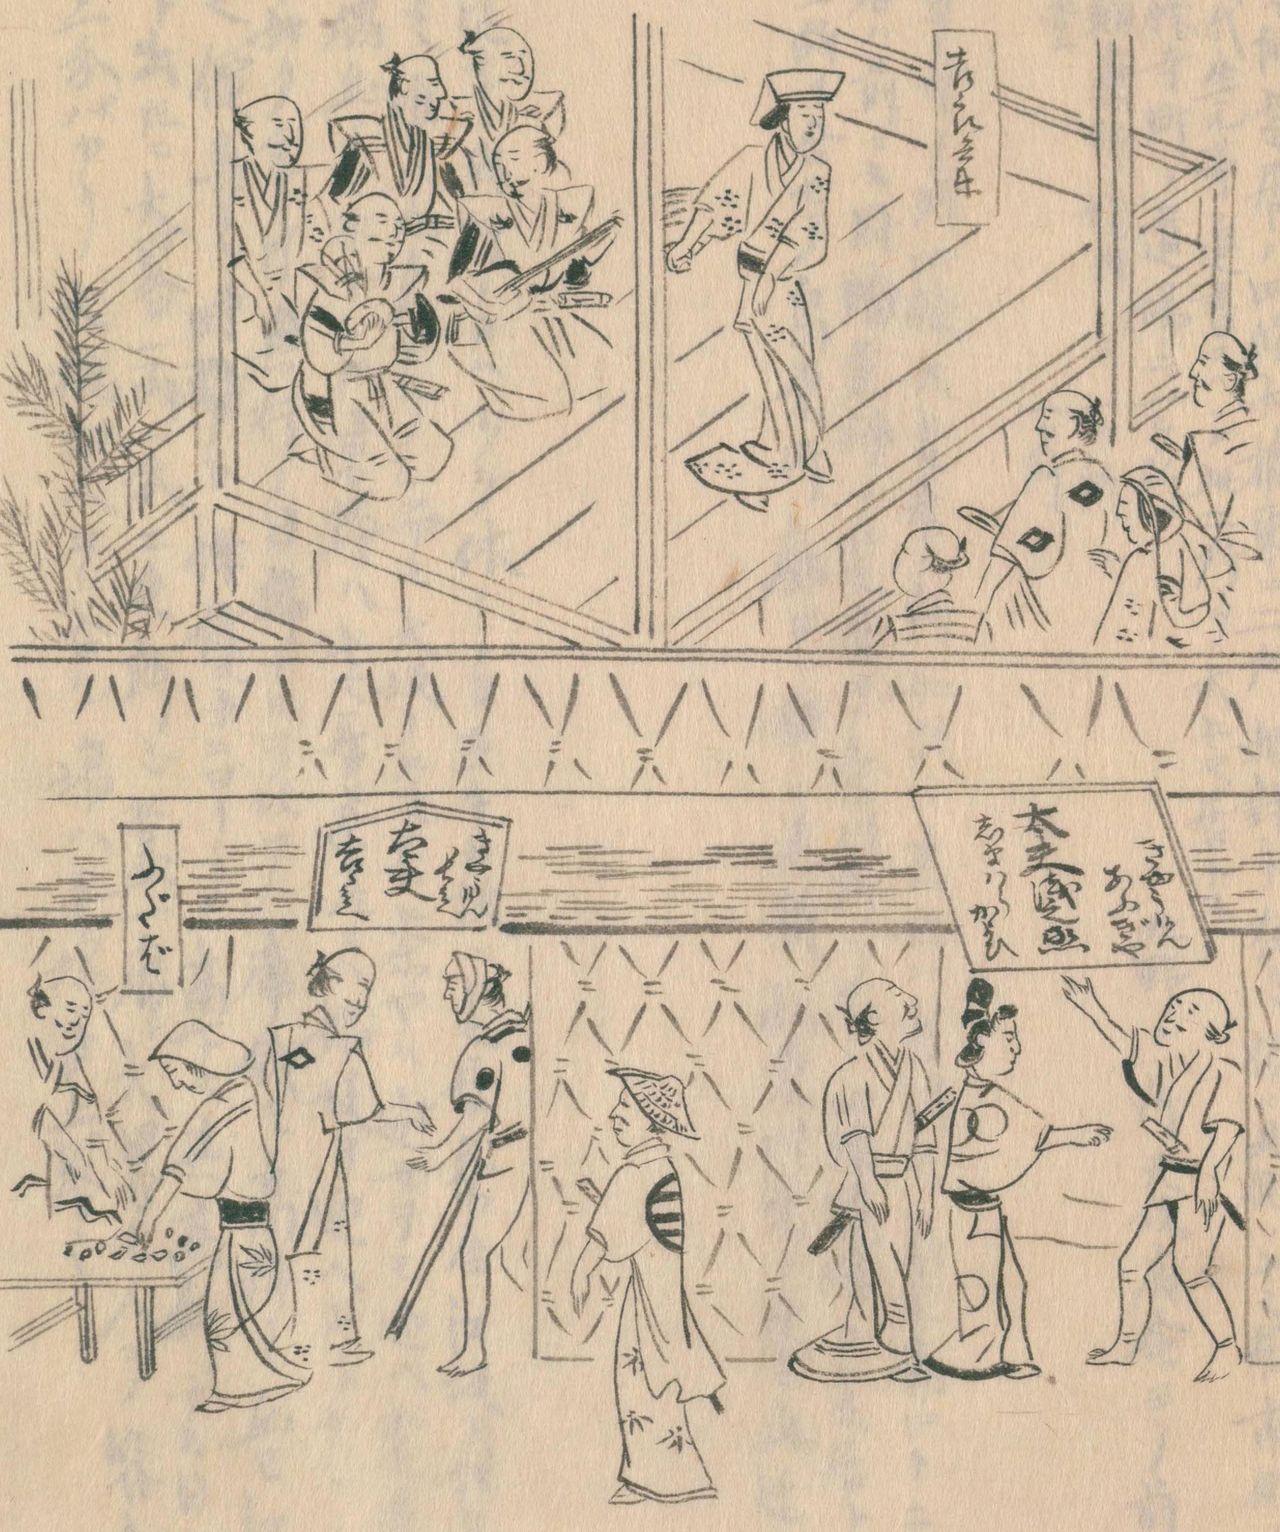 Спектакли яро-кабуки обрели популярность. На картине Морисады «Театр в Киото в недавнее время» Морисада изобразил один из театров в Киото. В то время действовали Северный и Южный театры, Кита-дза и Минами-дза, так что это, вероятно, один из них